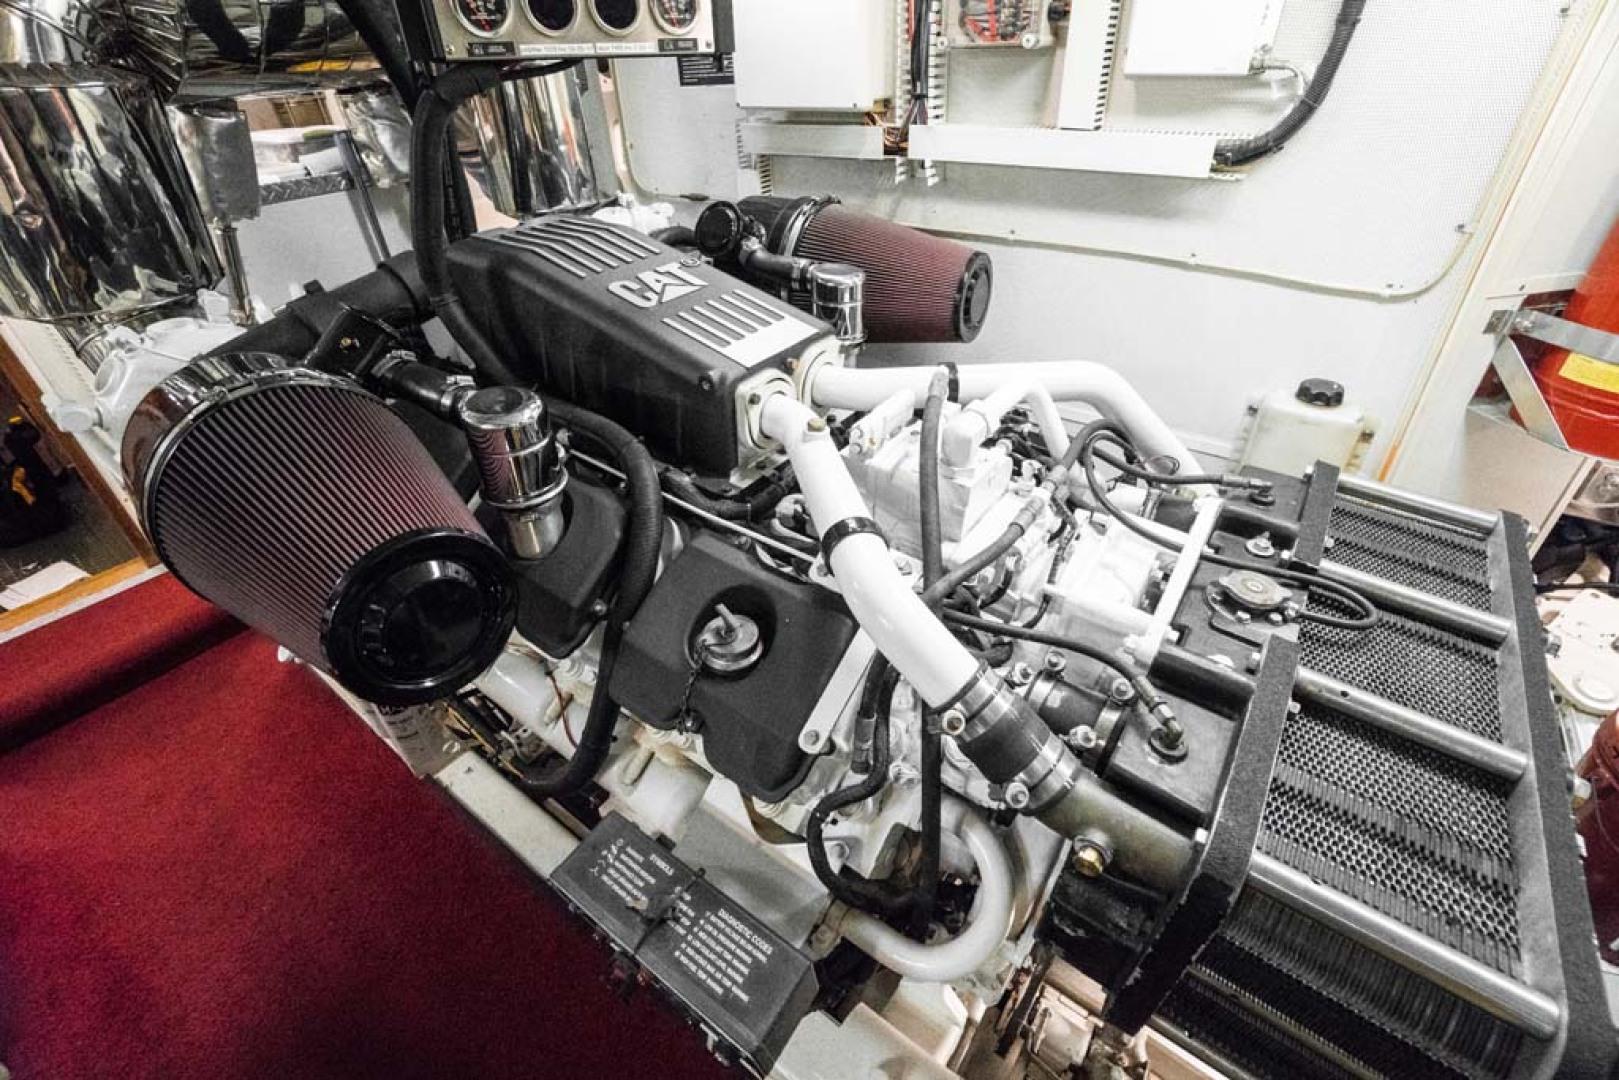 Horizon-Cockpit-Motor-Yacht-2008-Liberation-Stuart-Florida-United-States-Engine-Room-1075380